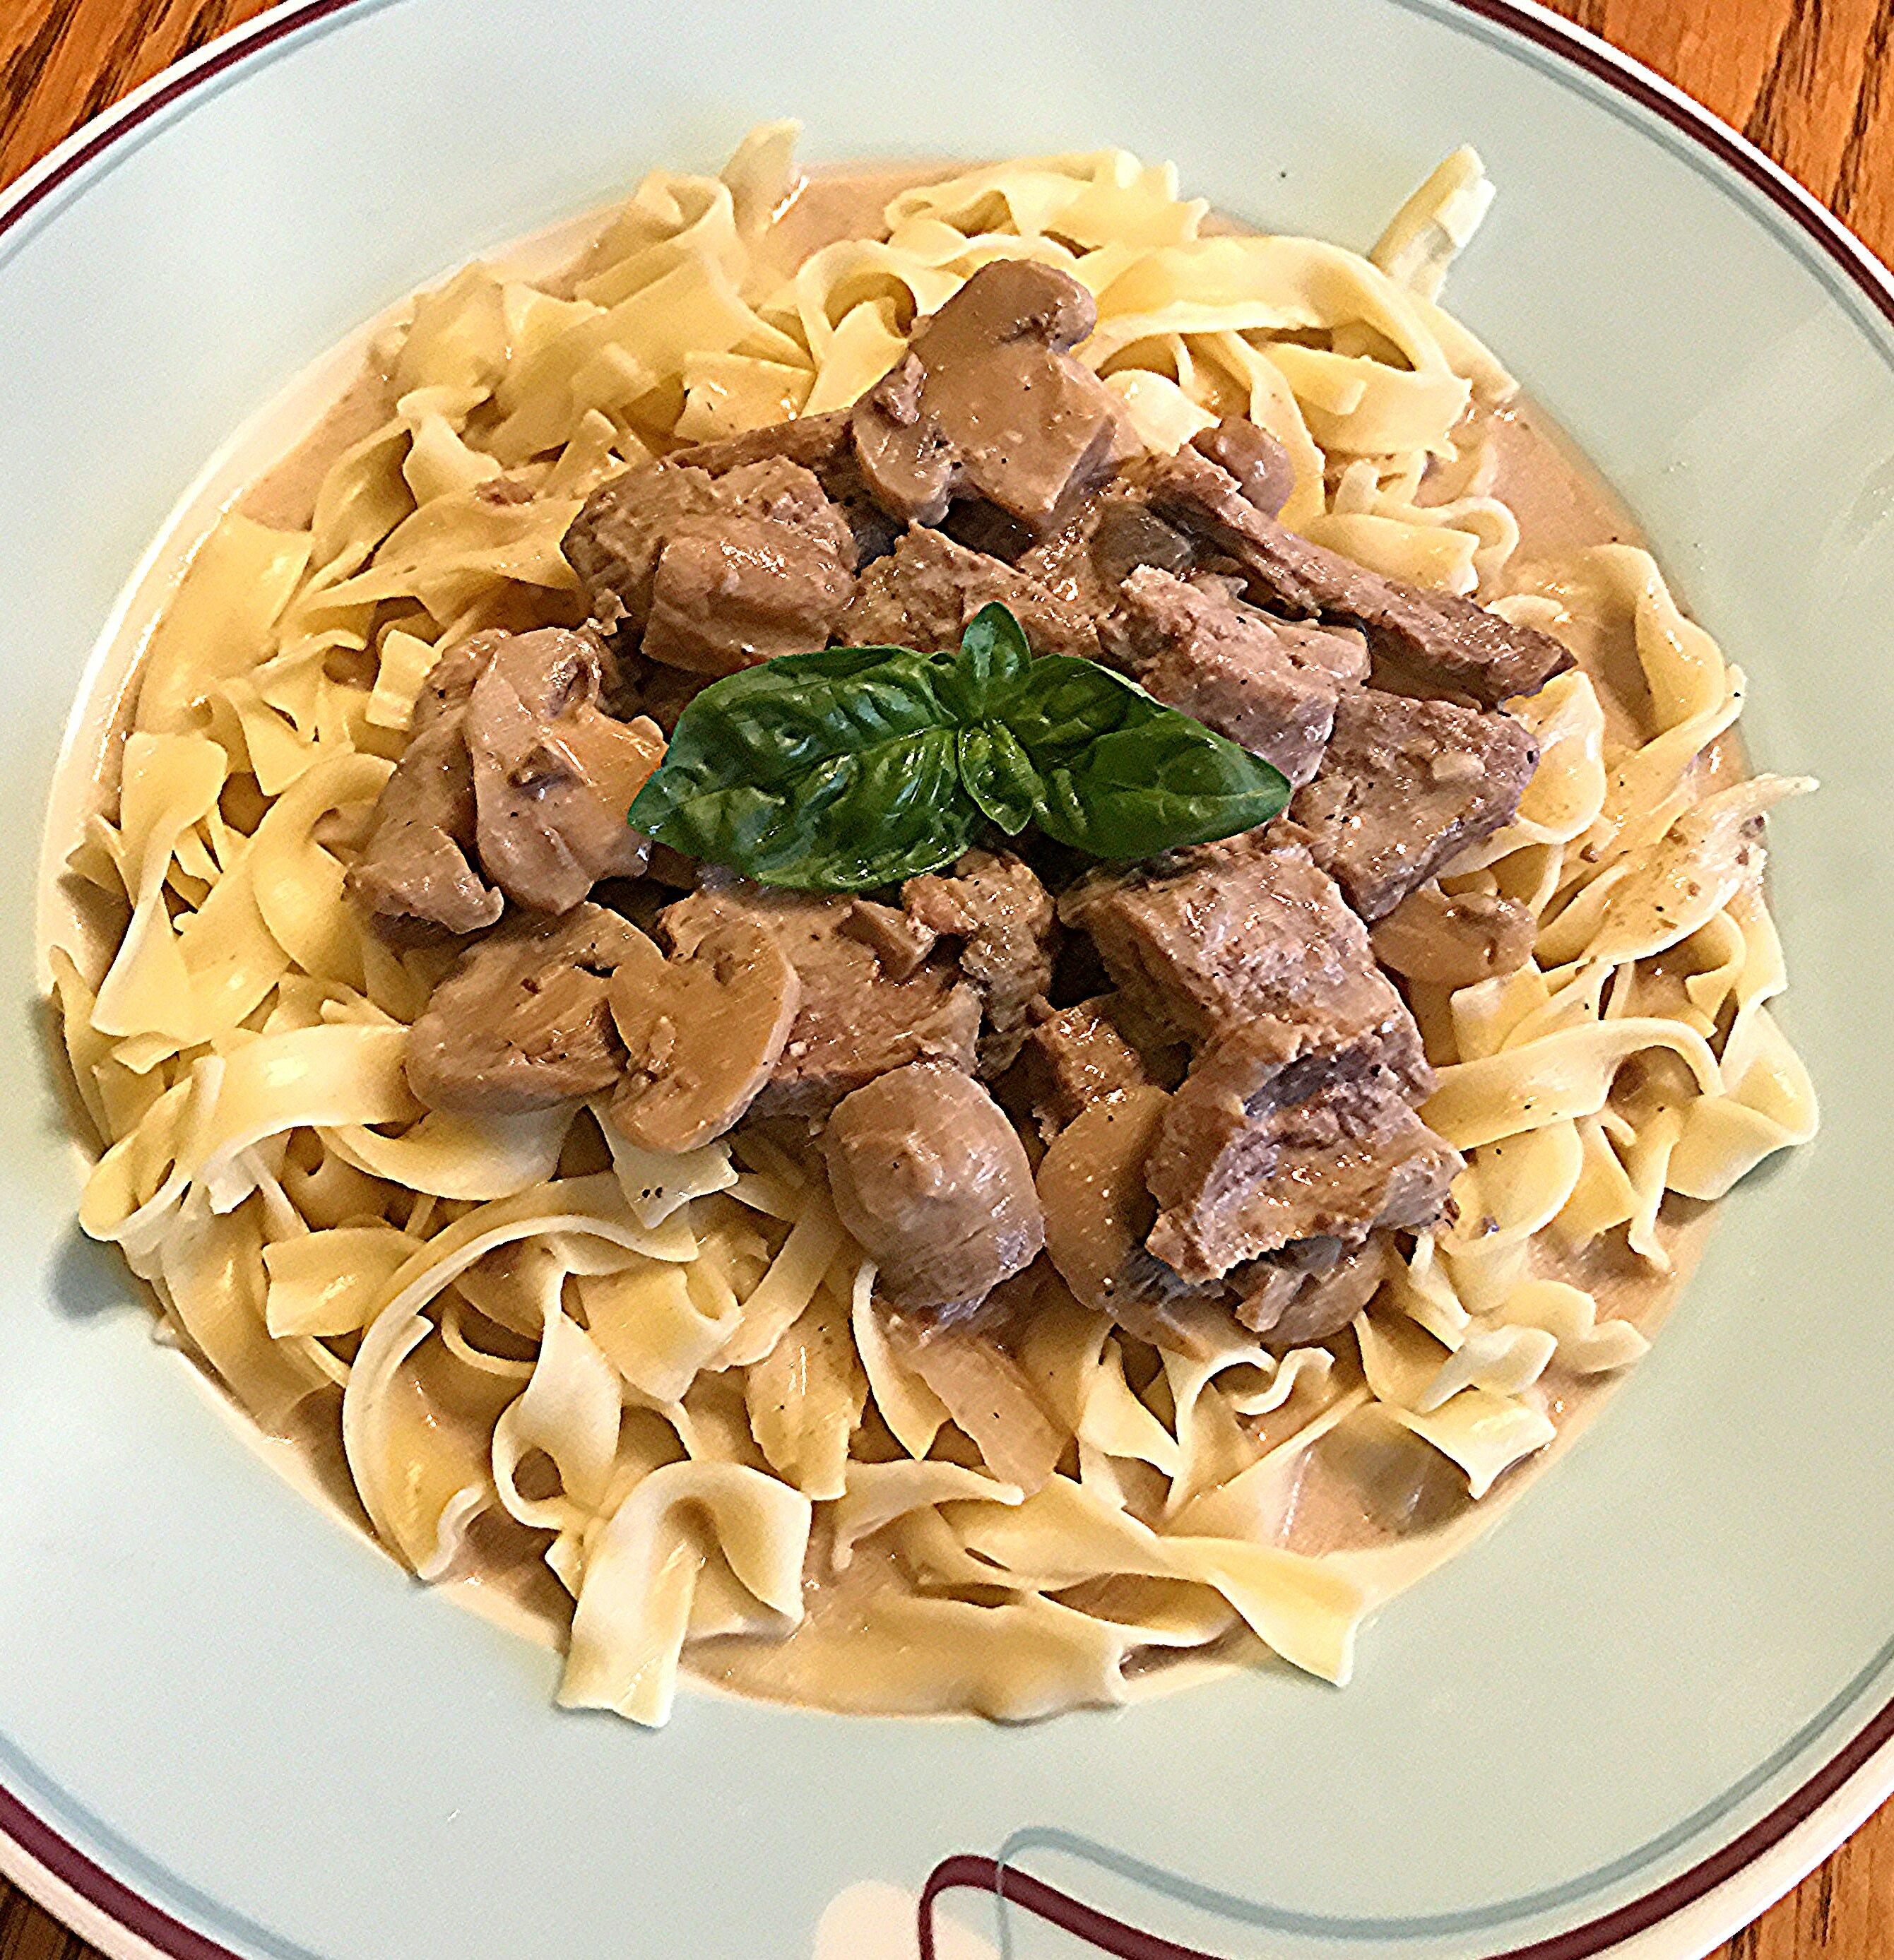 Susan's Beef Stroganoff